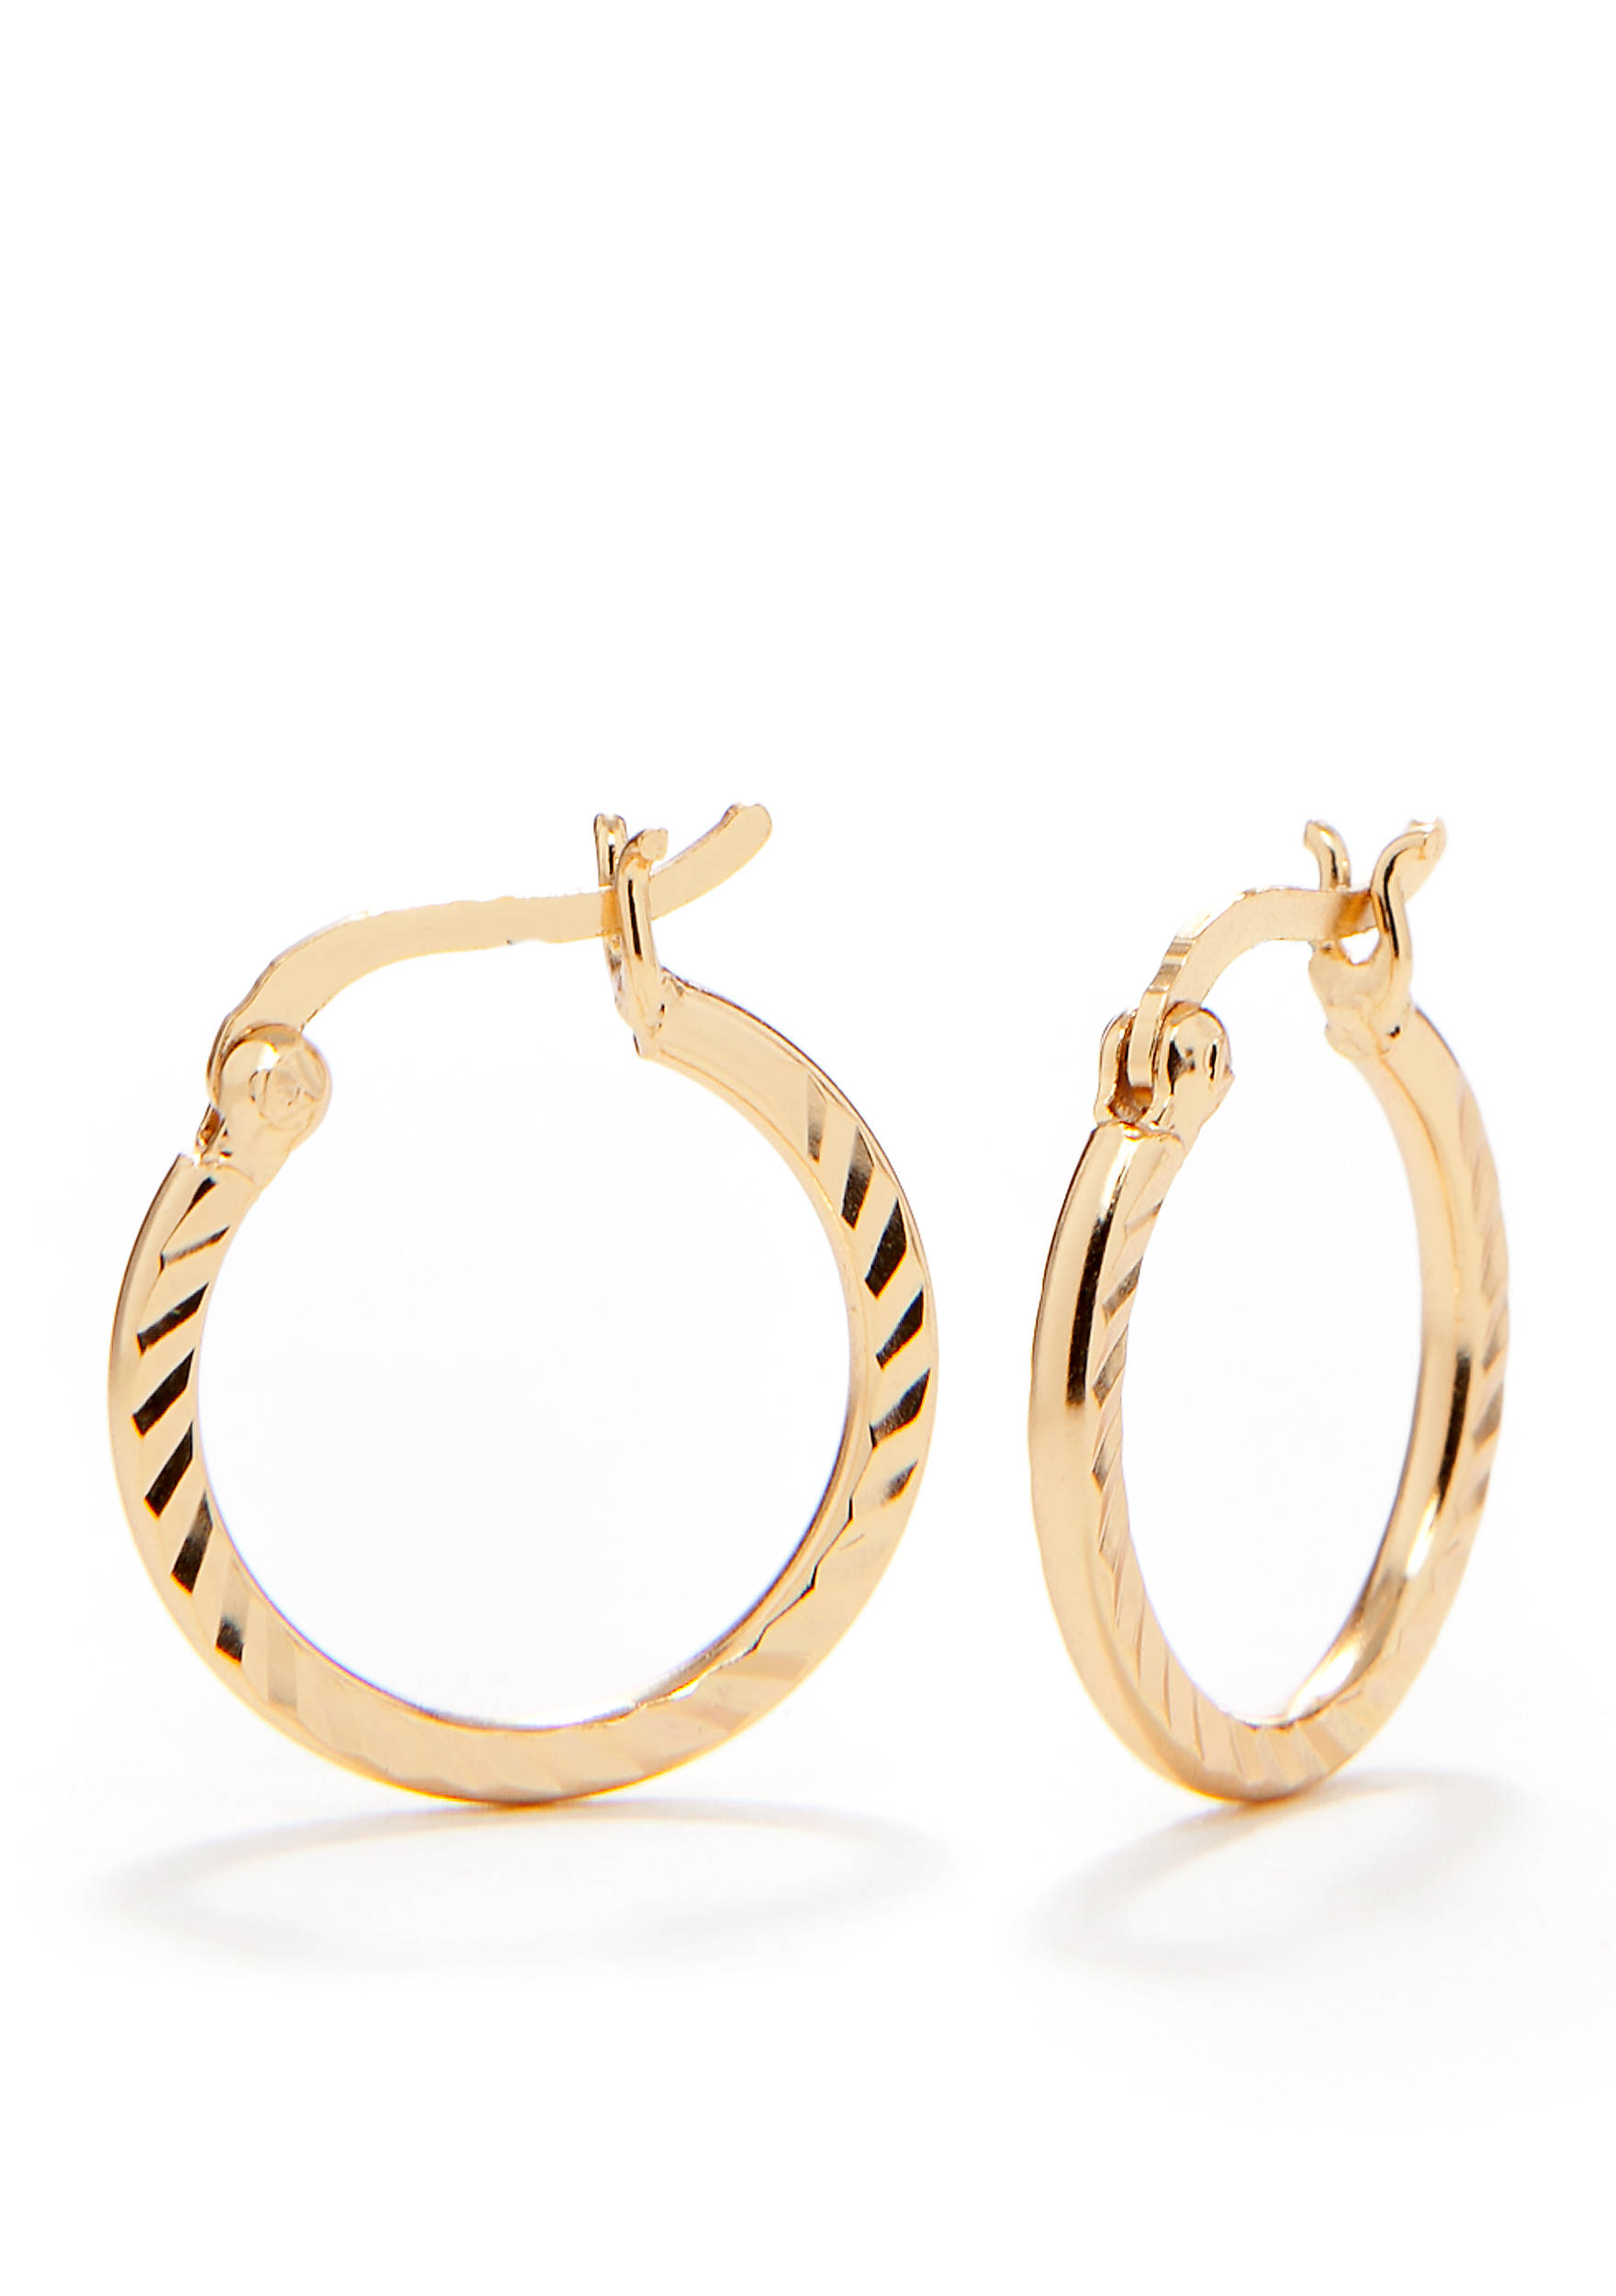 24 Carat Gold Hoop Earrings 24 Karat Gold Earrings Find ...